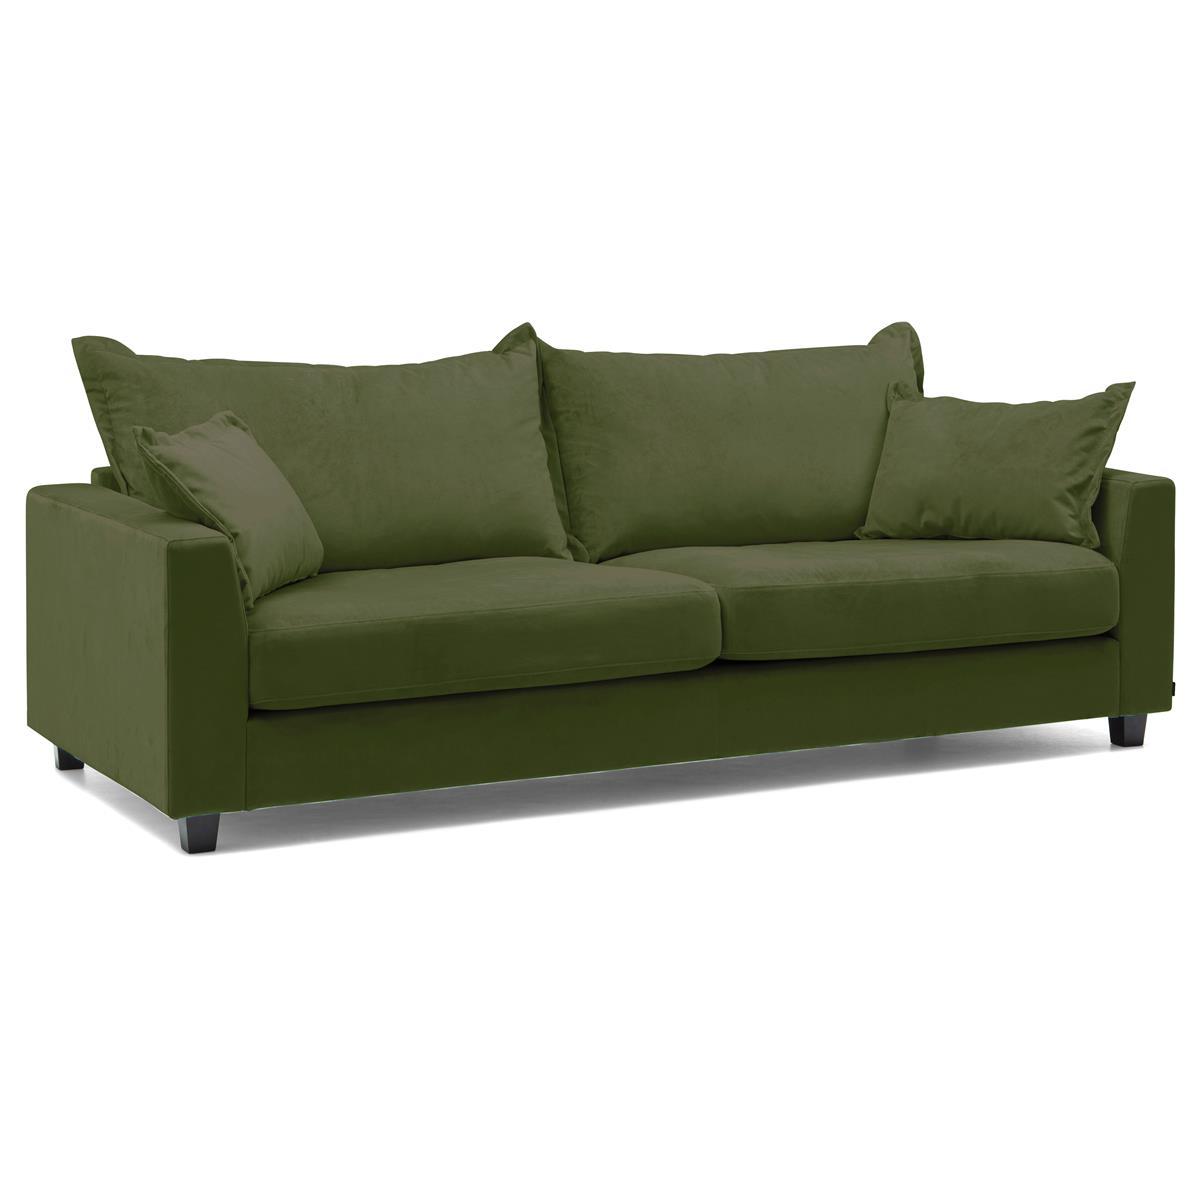 Louise-soffa-3-sits-meda-green